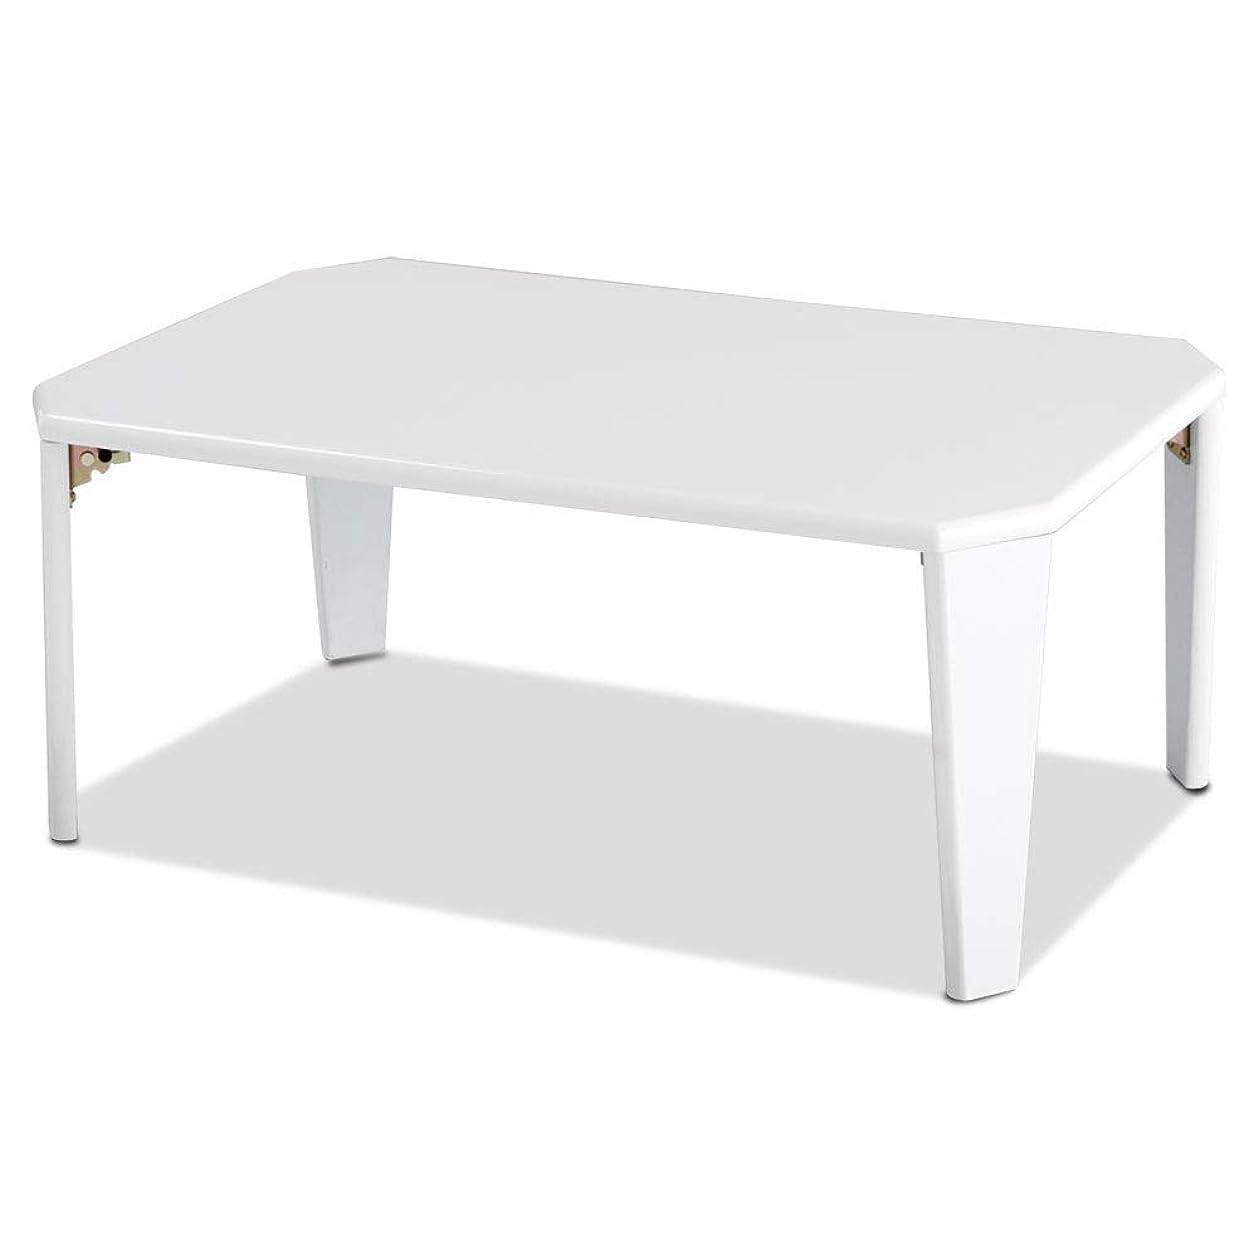 まだ収容する微弱ぼん家具 折りたたみ テーブル ちゃぶ台 ローテーブル 【幅75cm】 机 座卓 ホワイト